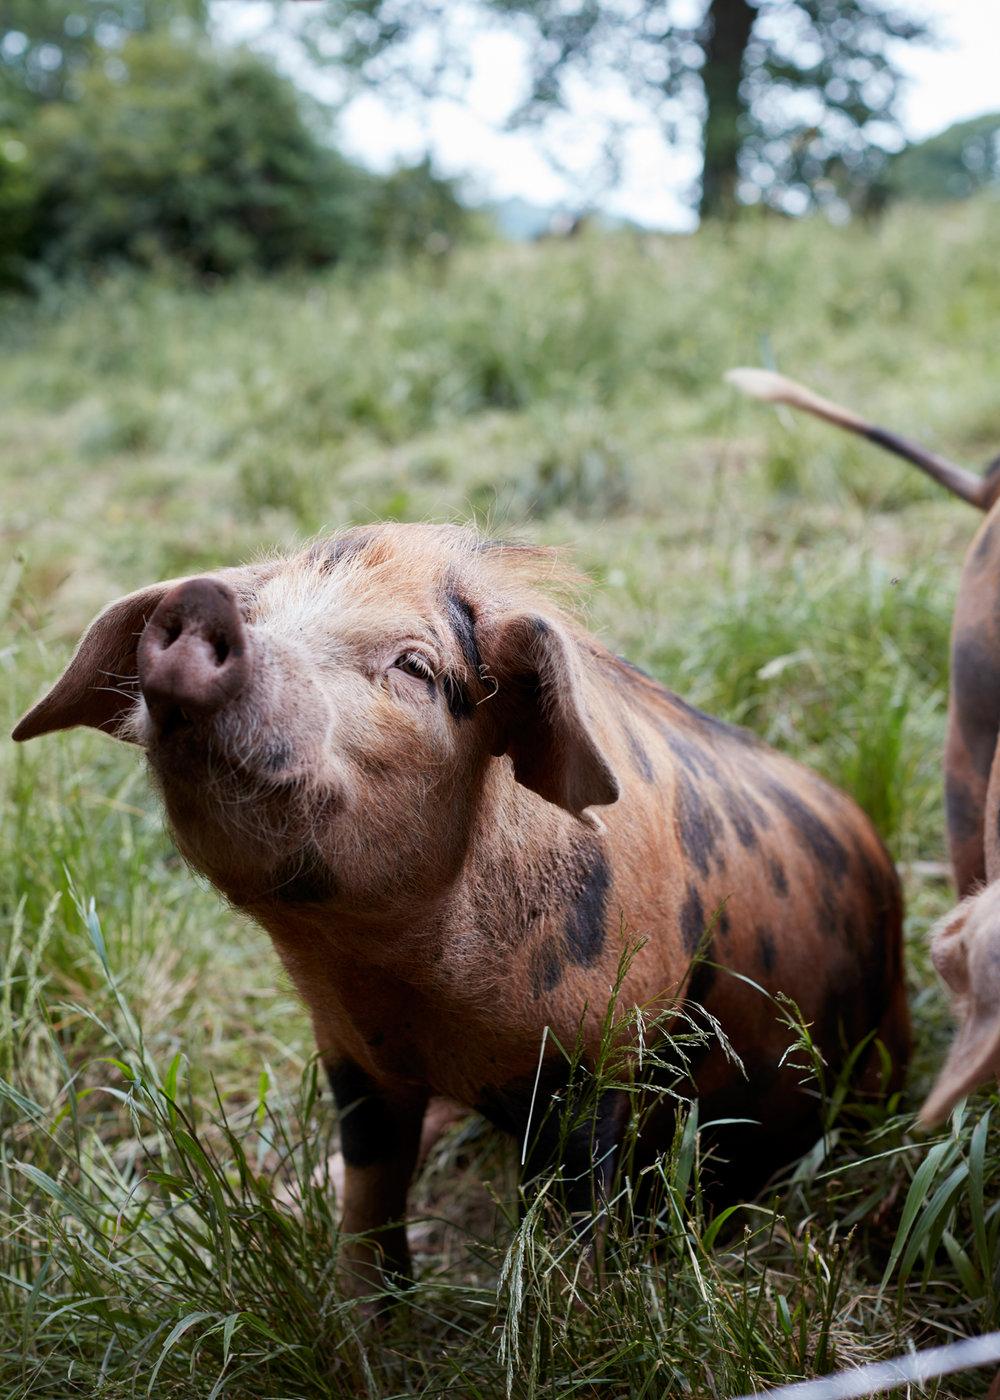 Jamie Orlando Smith - pig